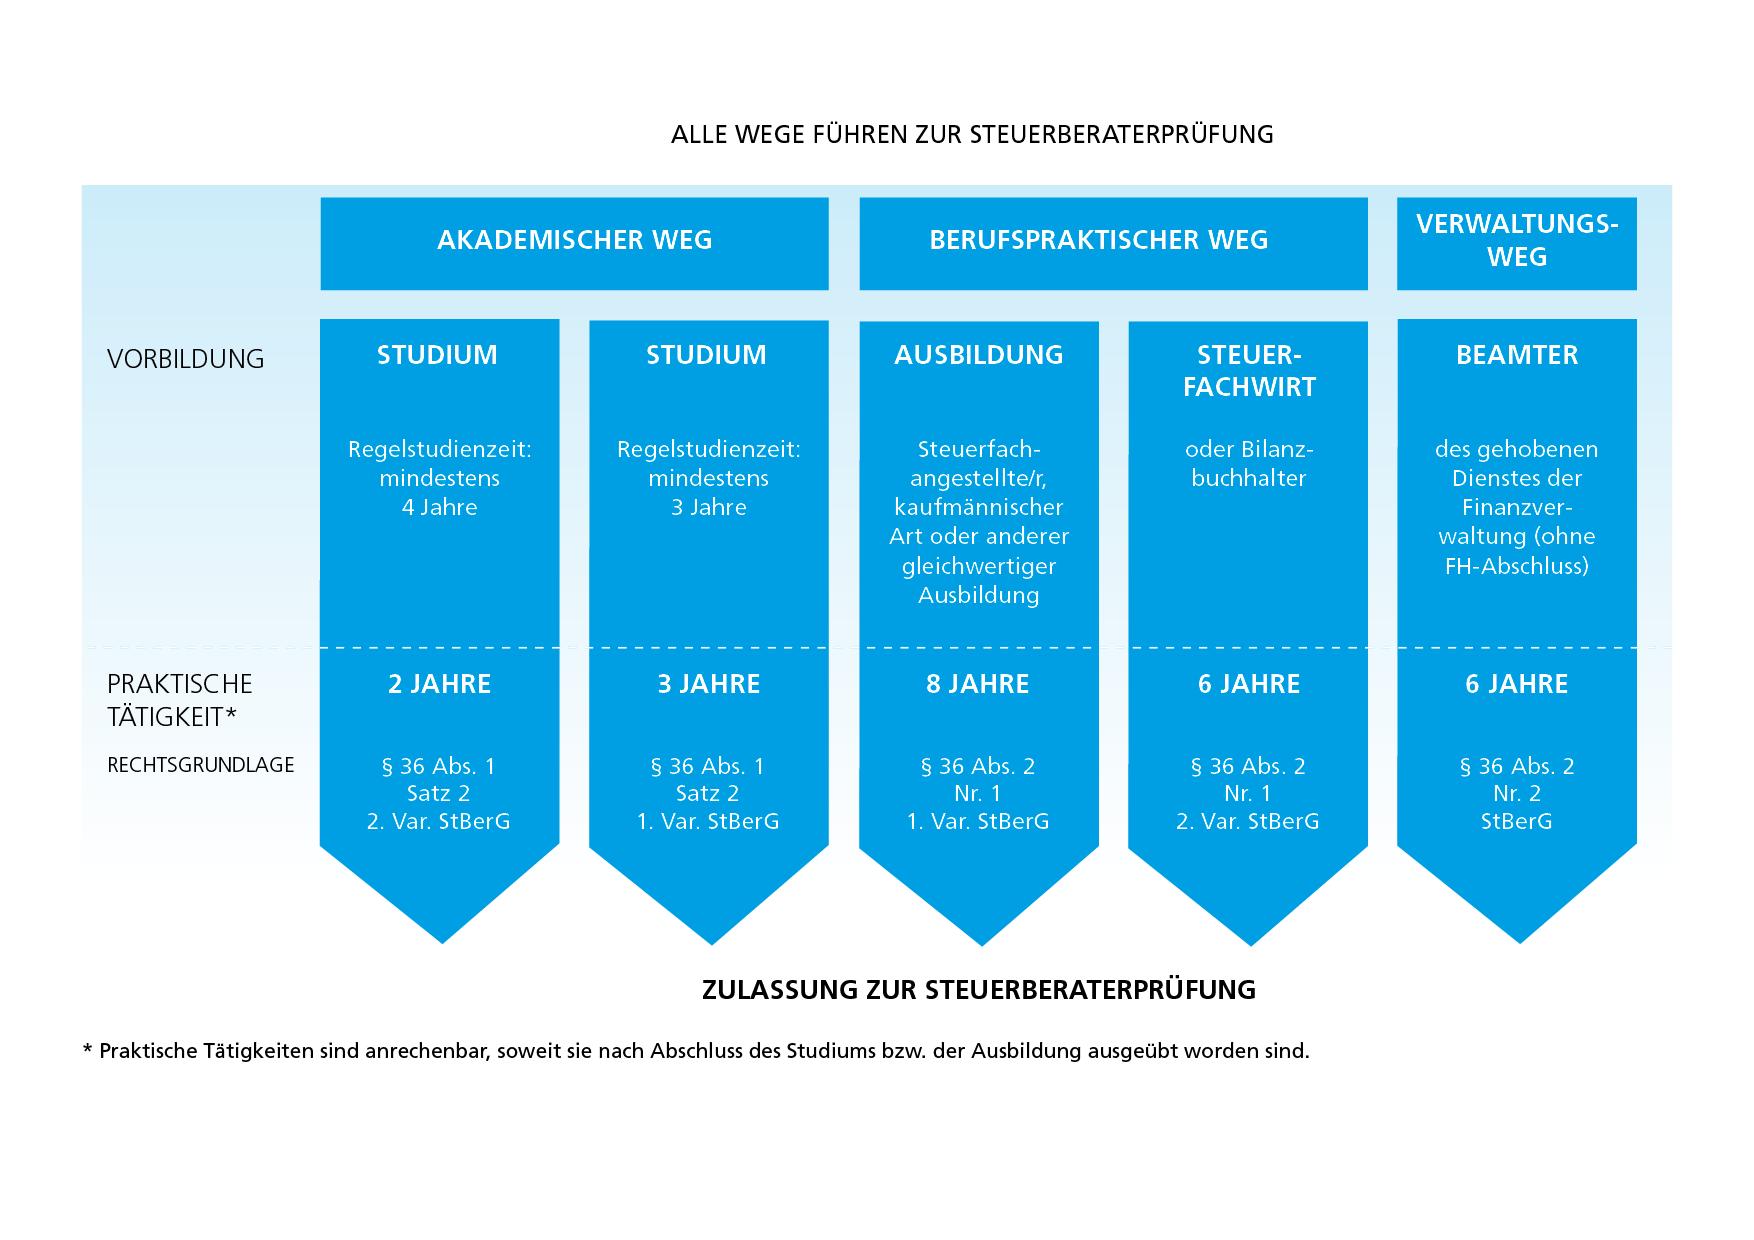 Grafik: Alle Wege führen zur Steuerberaterprüfung